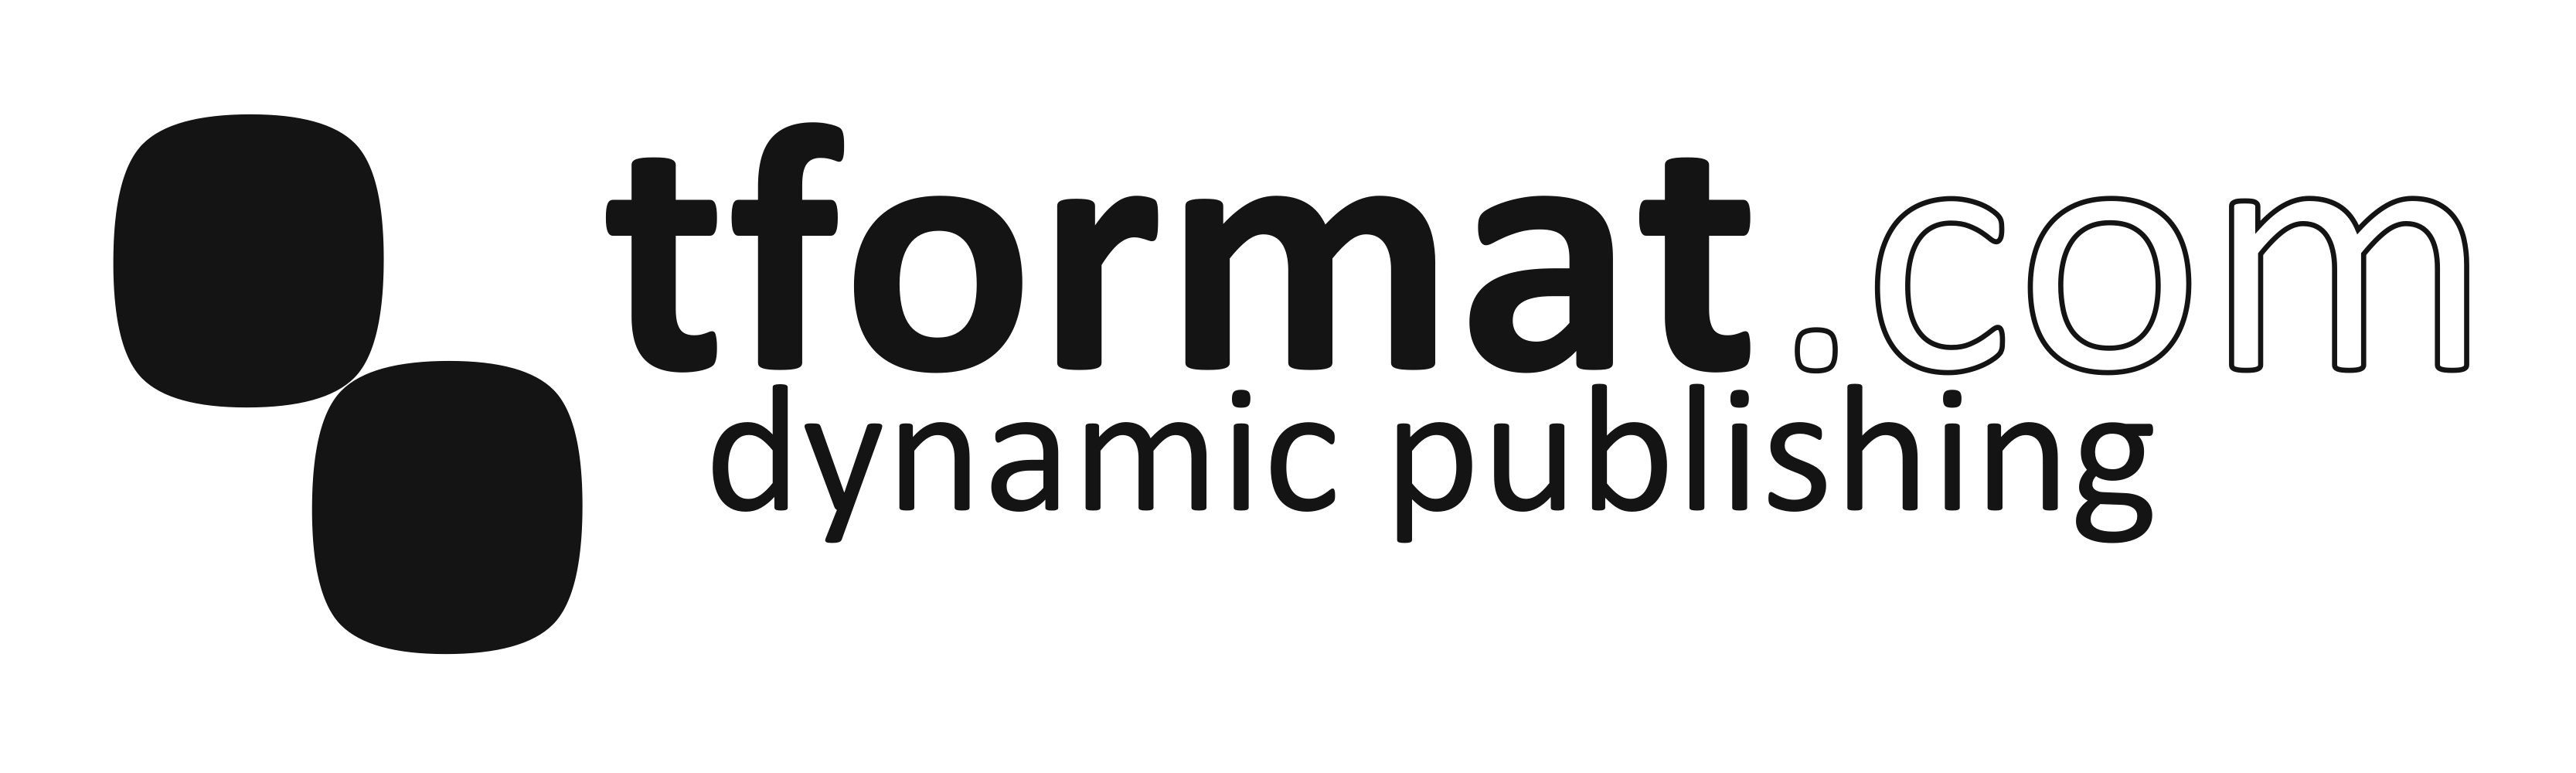 tformat logo